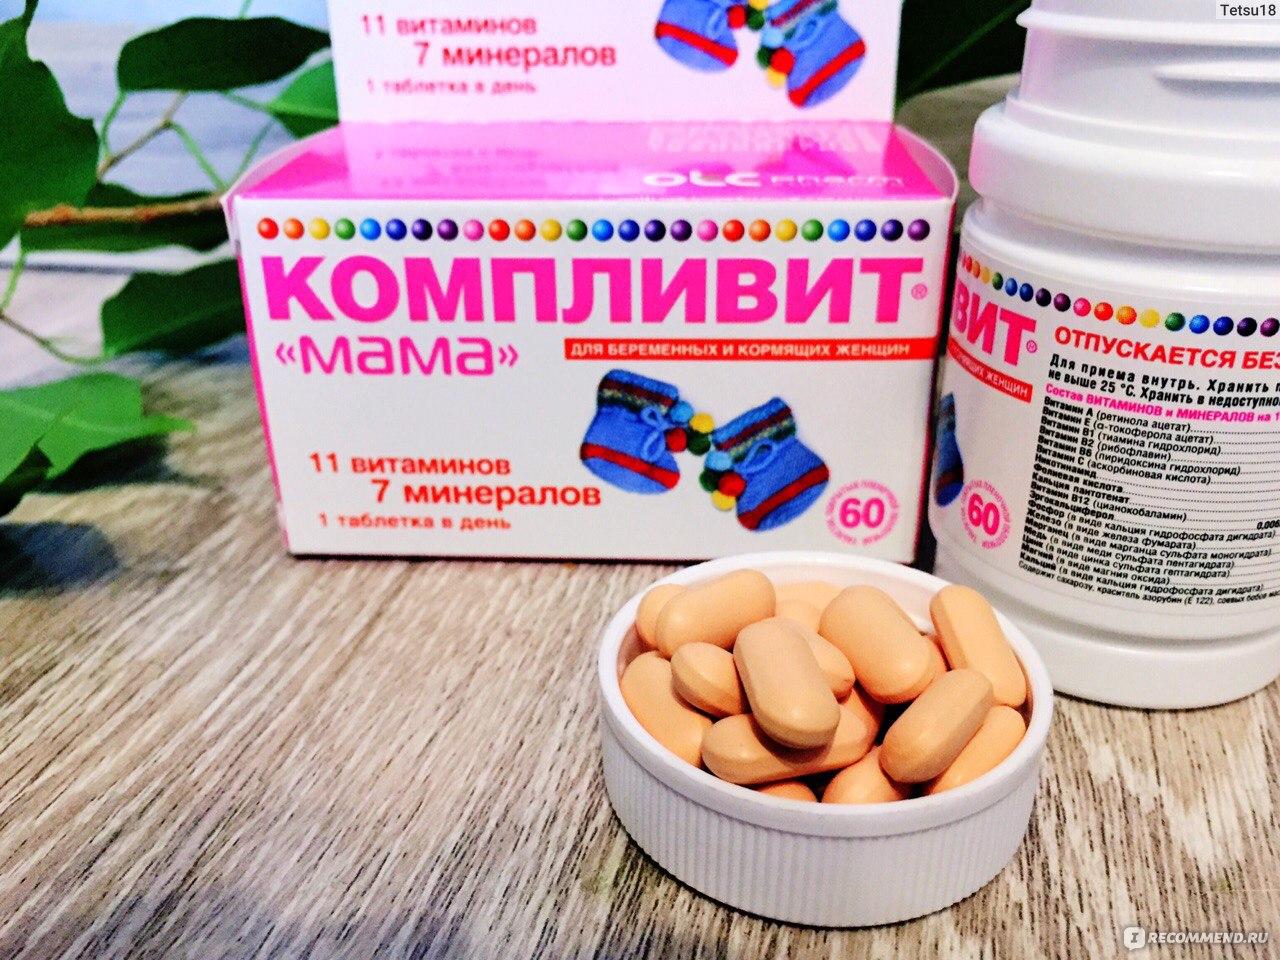 Зачем нужны витамины человеку? какие витамины нужно пить? какие лучше? лучшие поливитамины